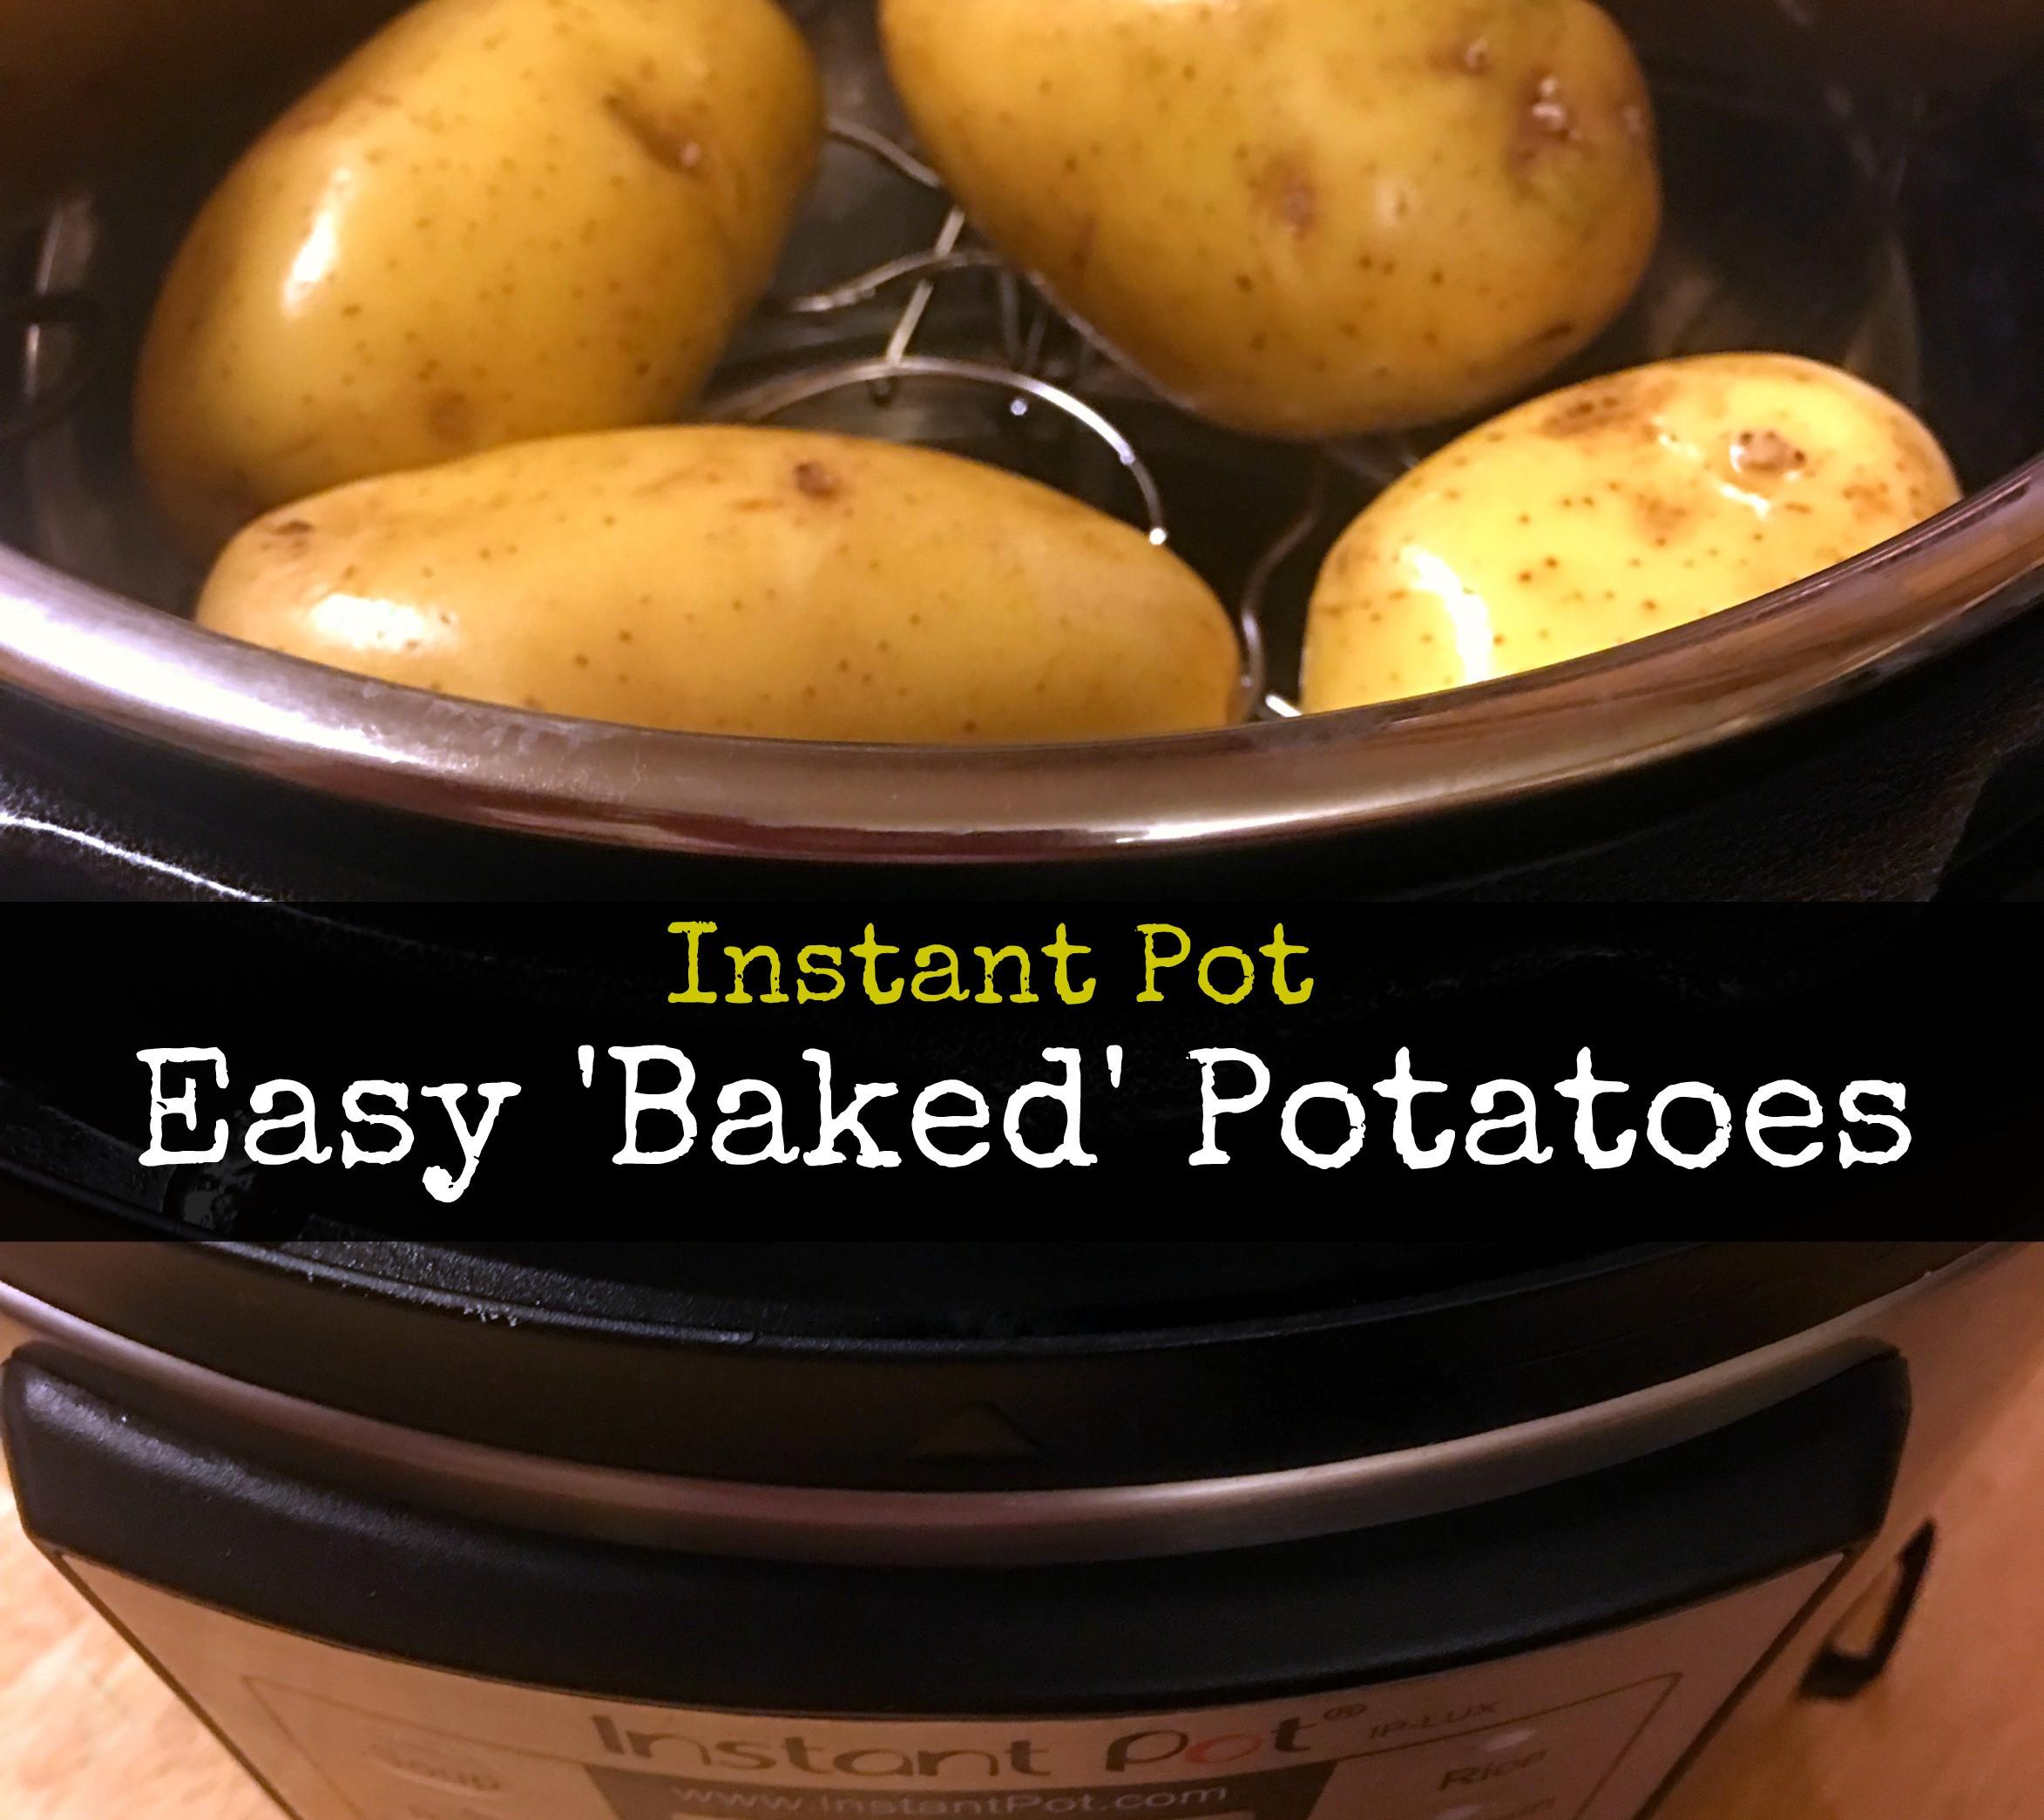 Instant Pot Potato Recipes  Instant Pot Baked Potatoes Aunt Bee s Recipes